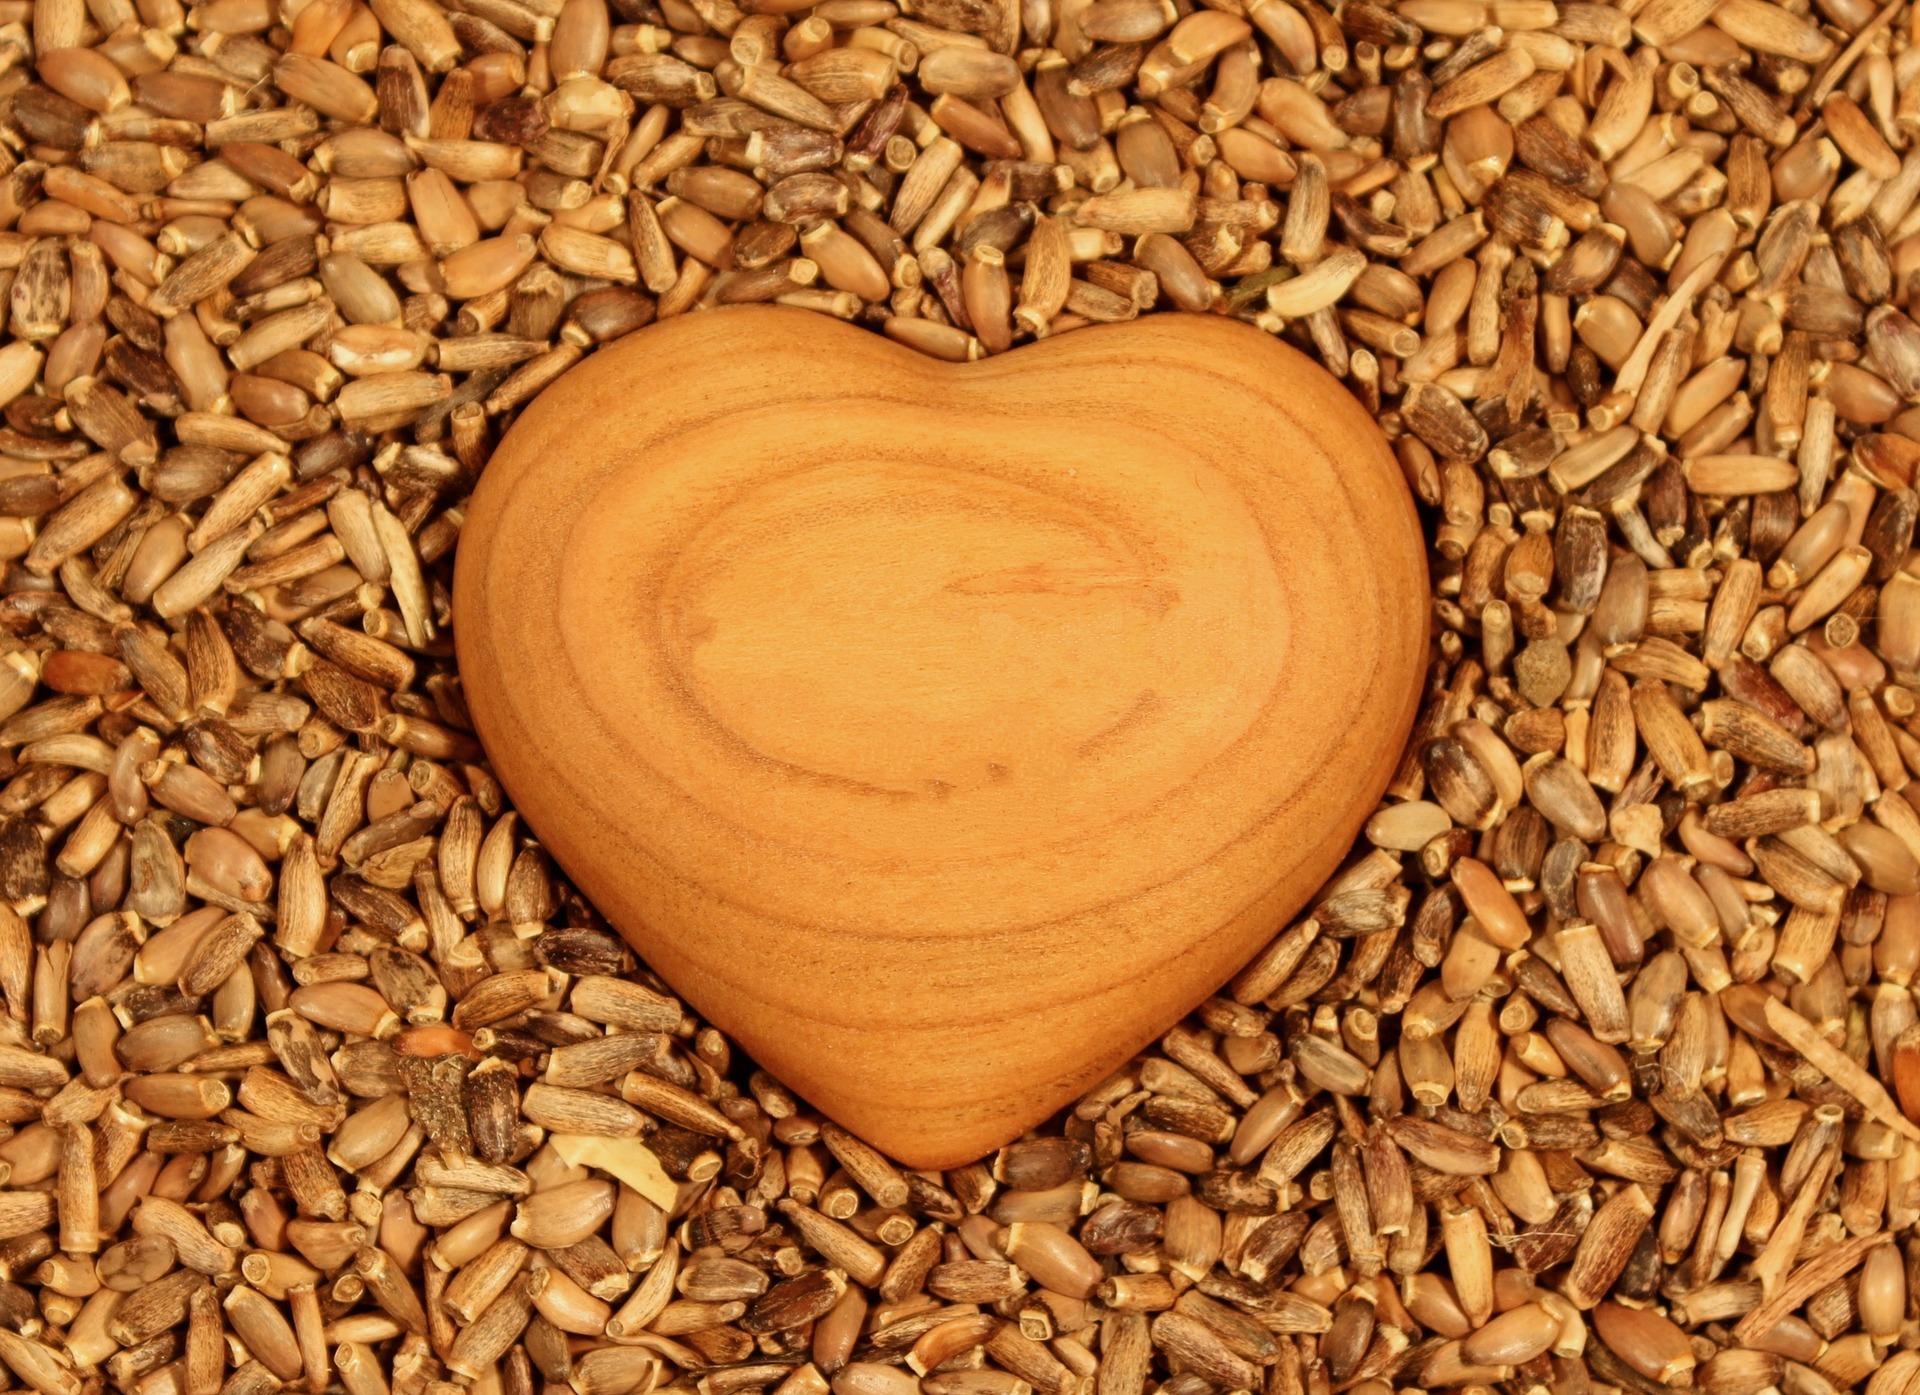 Heart 1050338 1920 Bild von klimkin auf Pixabay